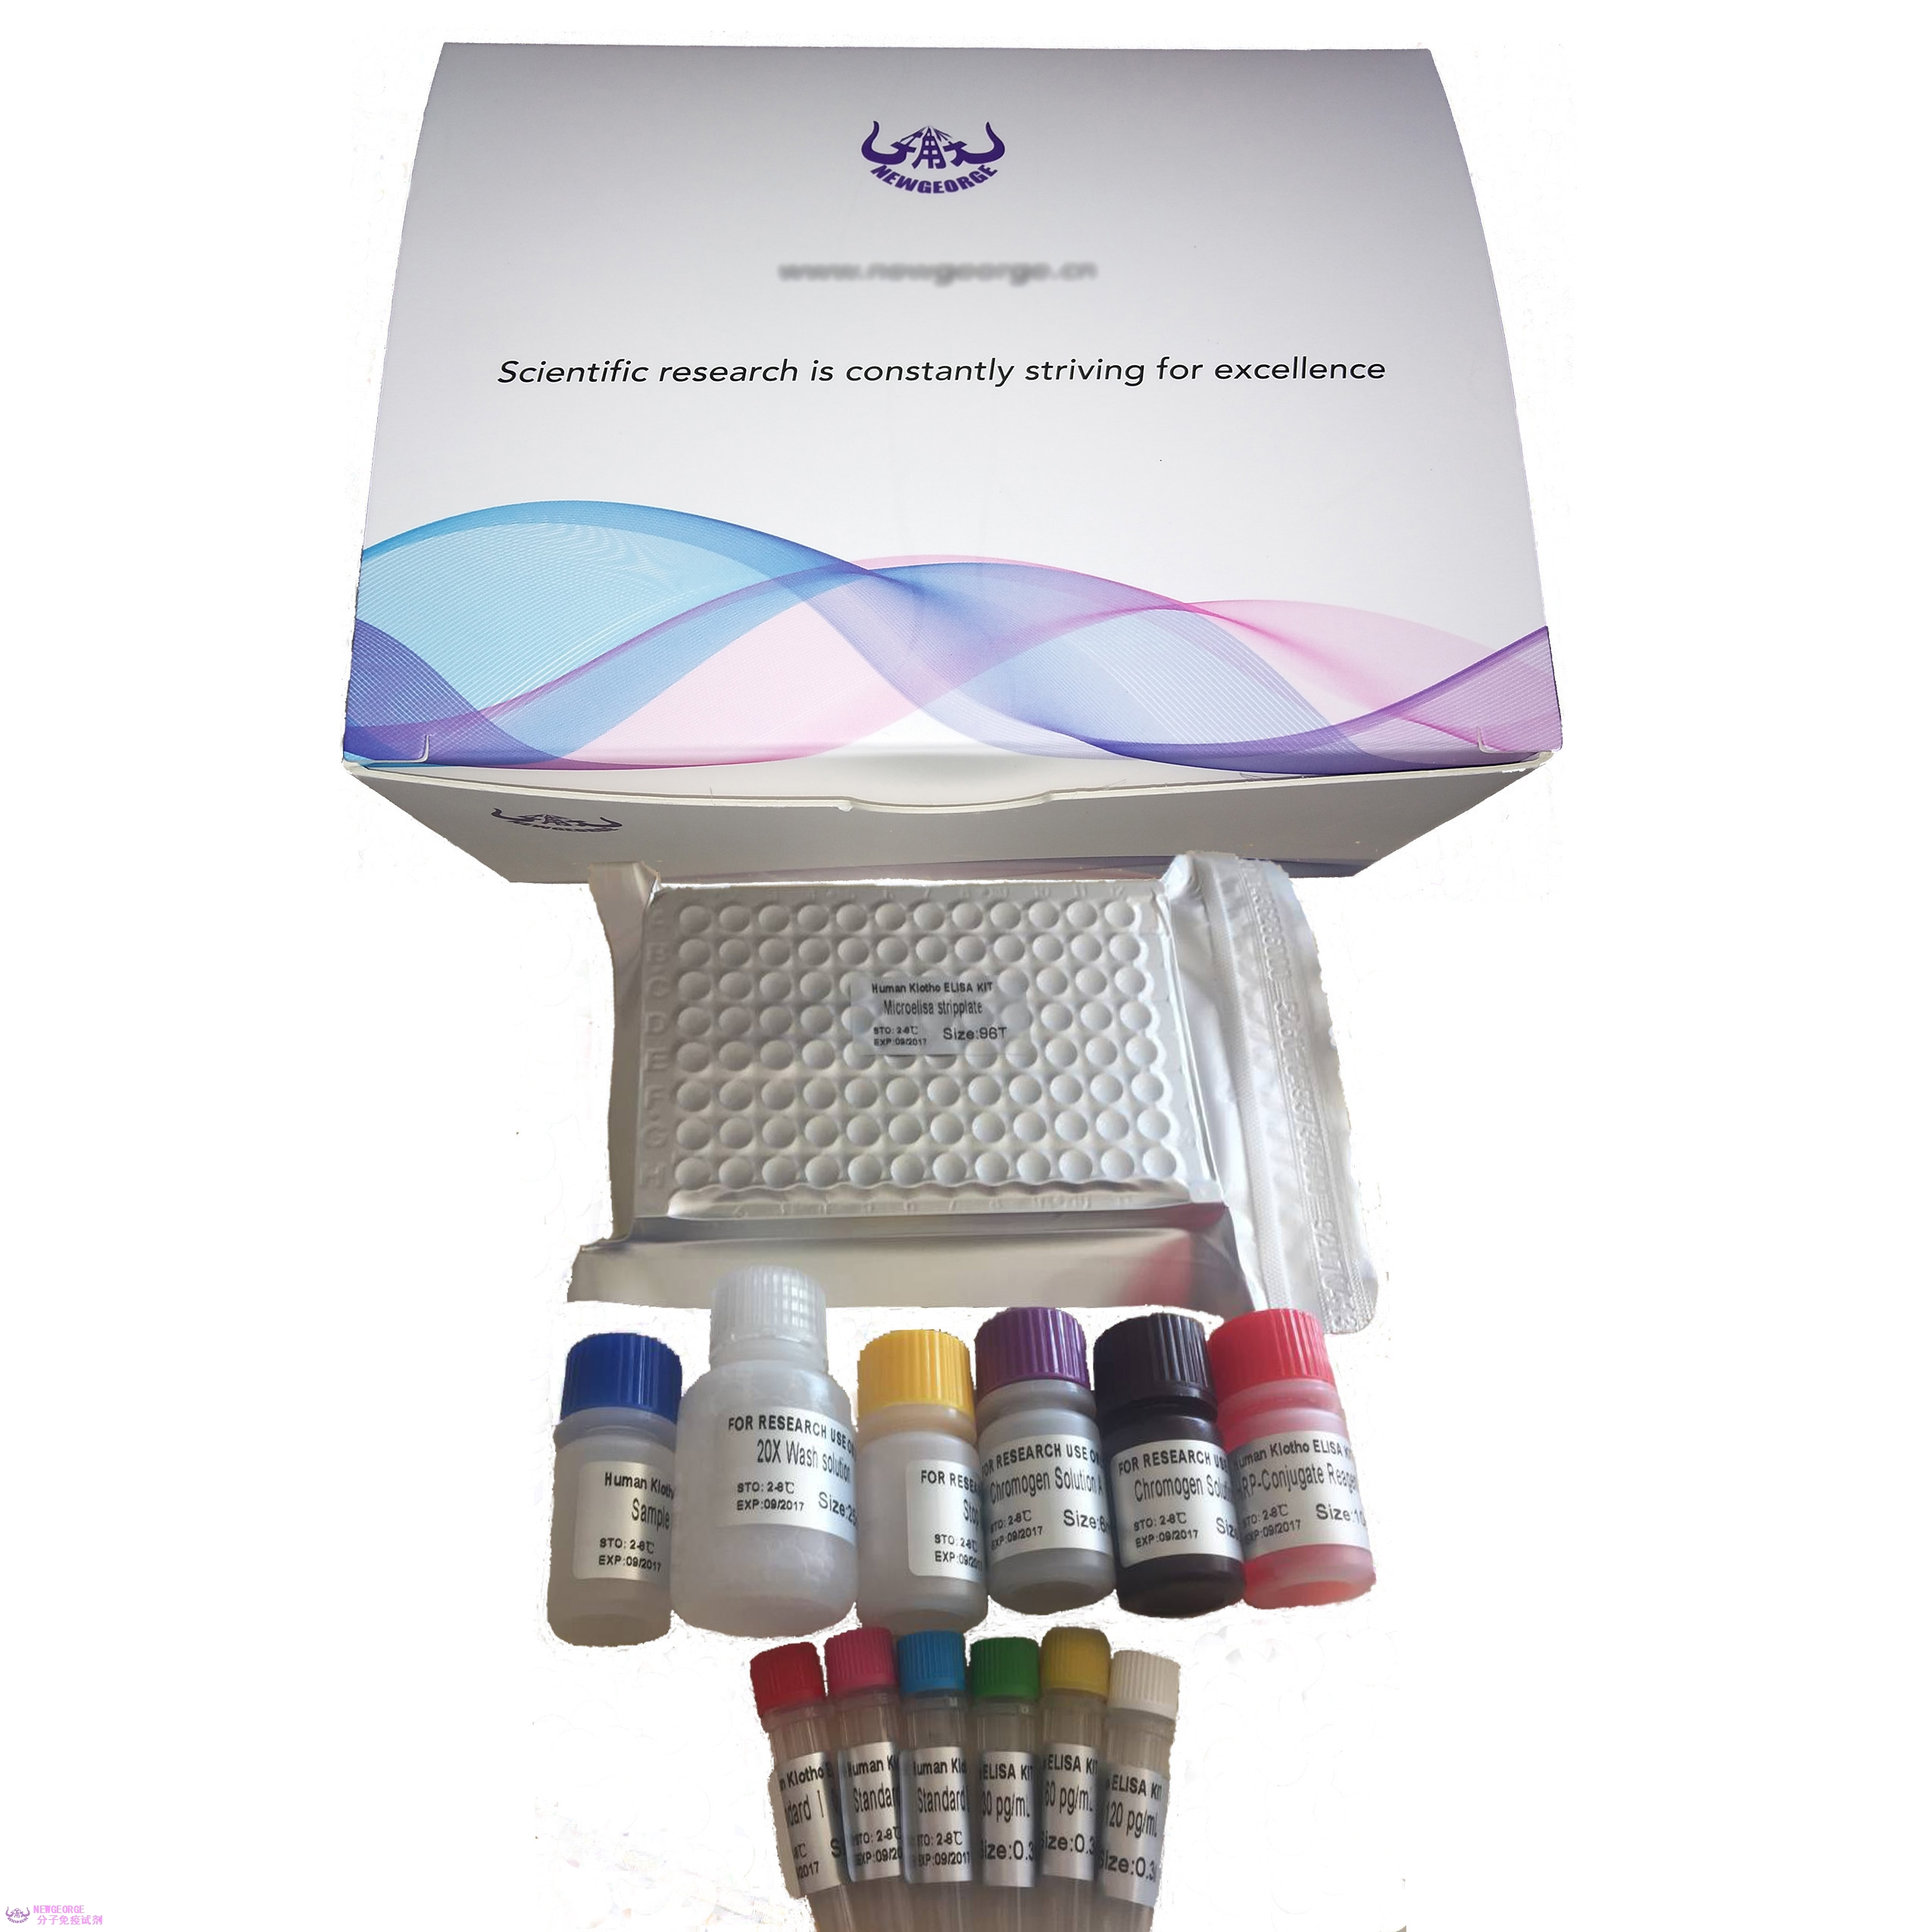 甘油二酯-DAG/DGELISA试剂盒参考价,ELISA试剂盒